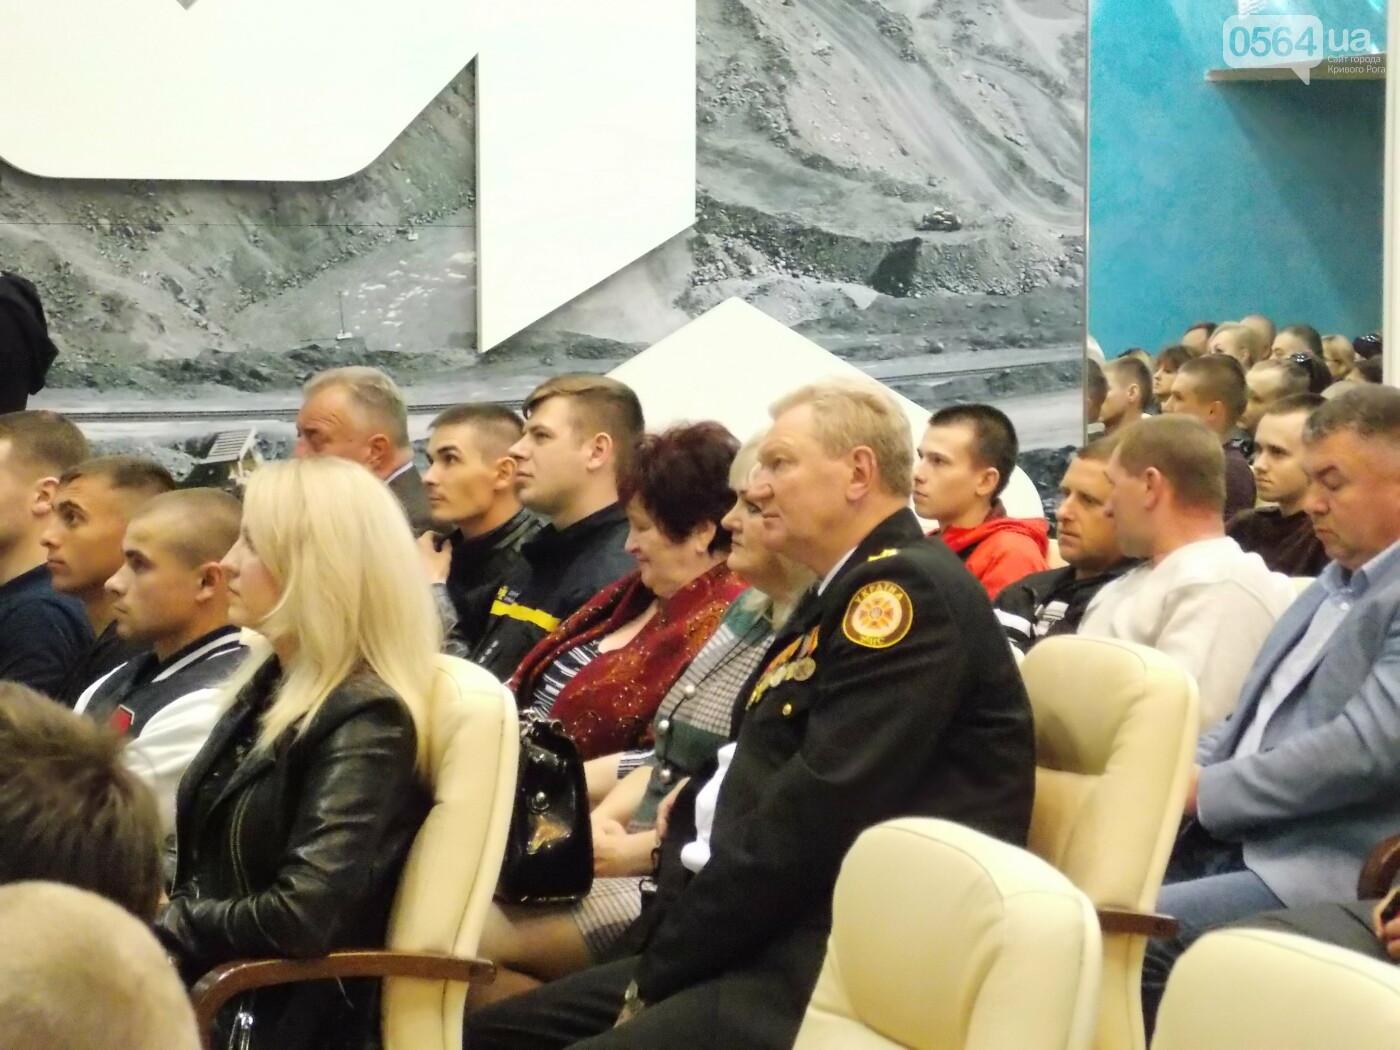 В Кривом Роге пожарно-спасательная часть отпраздновала 50-летие, - ФОТО , фото-17